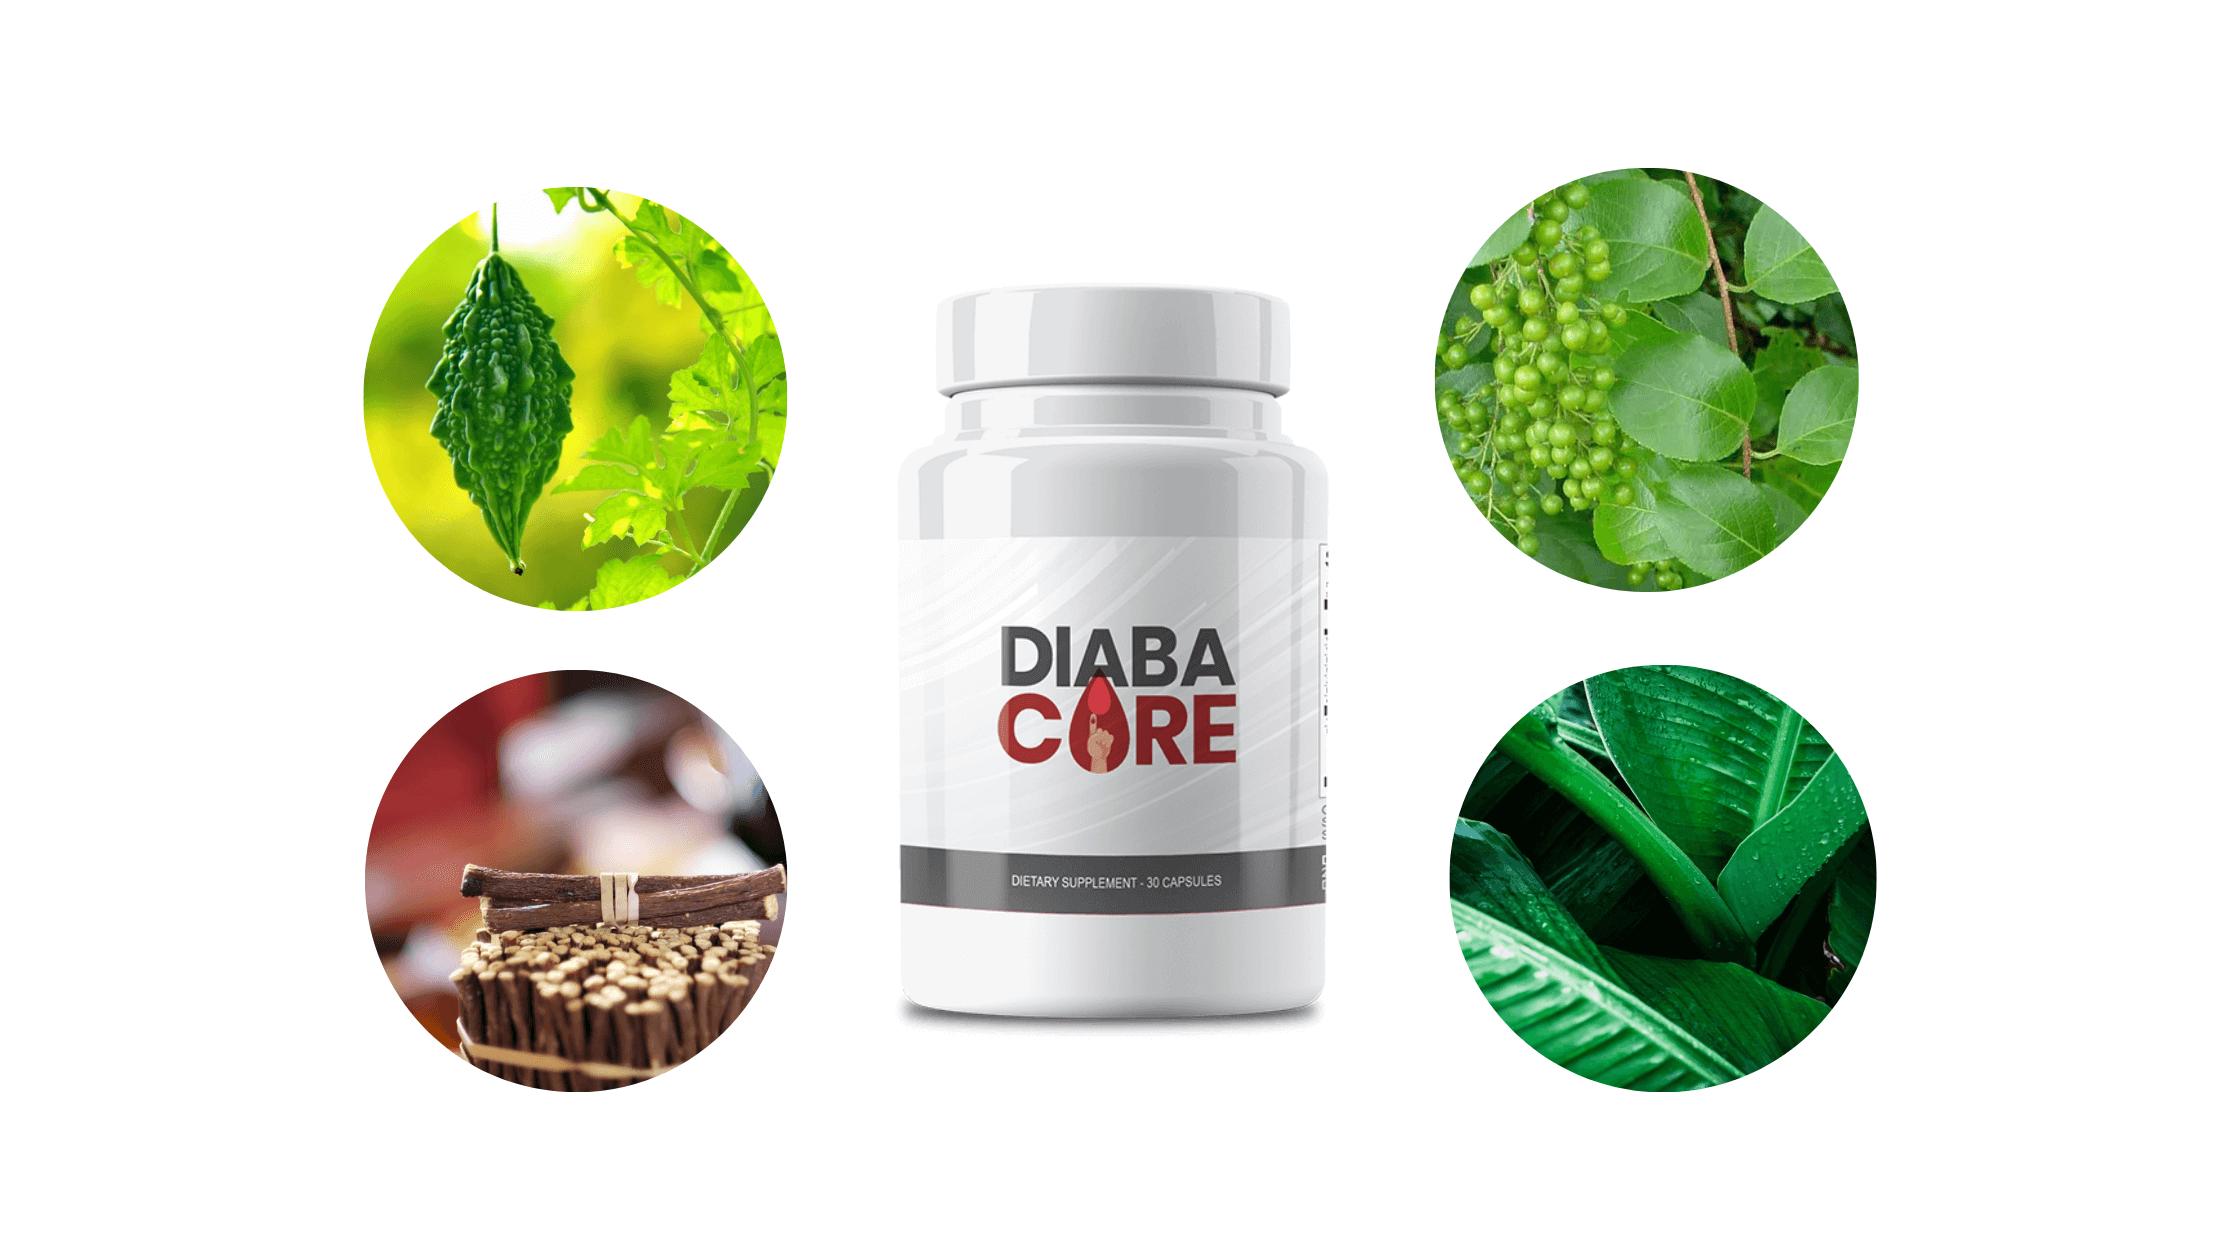 Diabacore supplement Ingredients